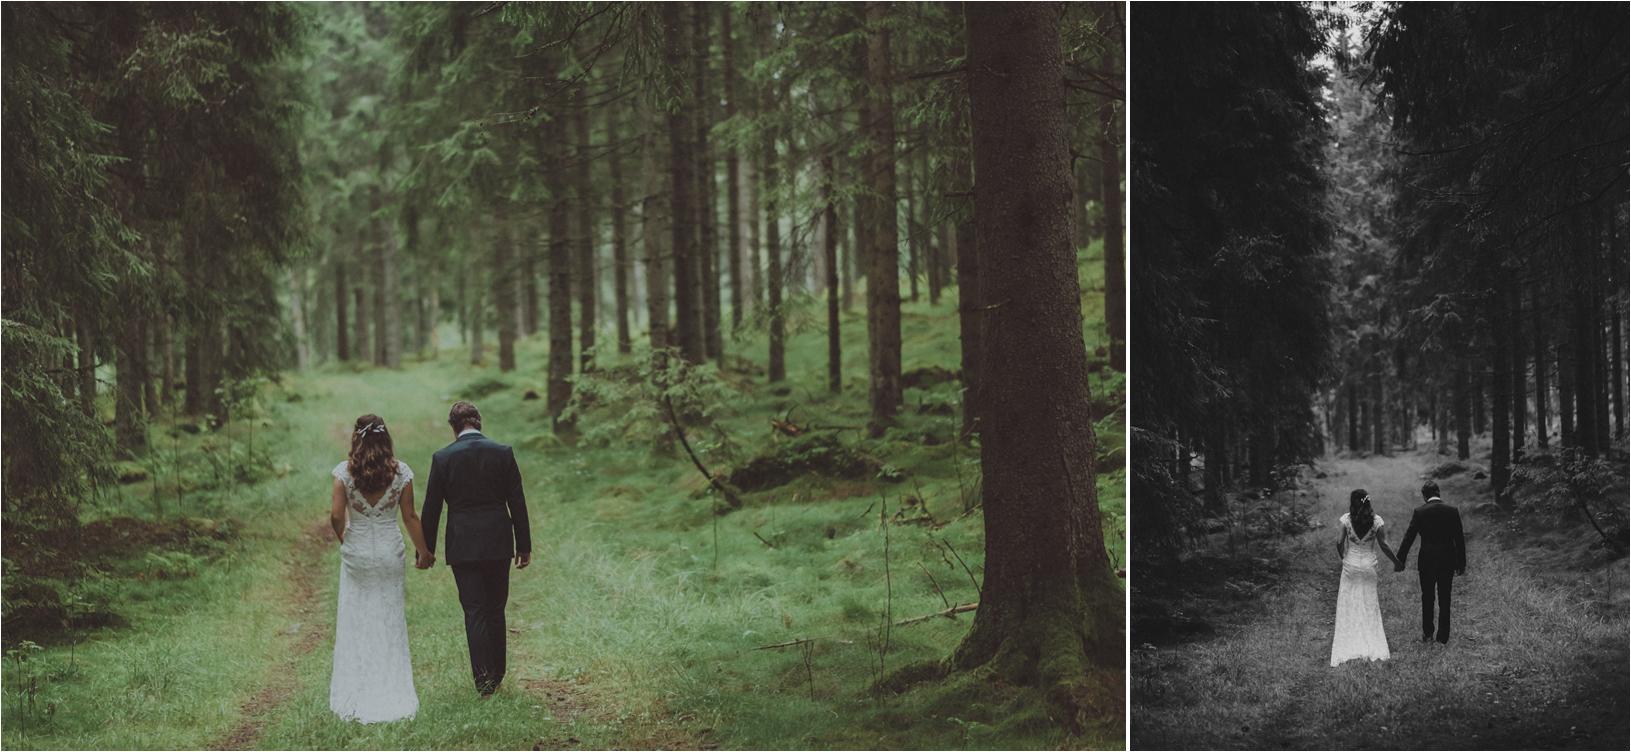 bröllopsfoto_borås_fotograf_max_norin-99.jpg